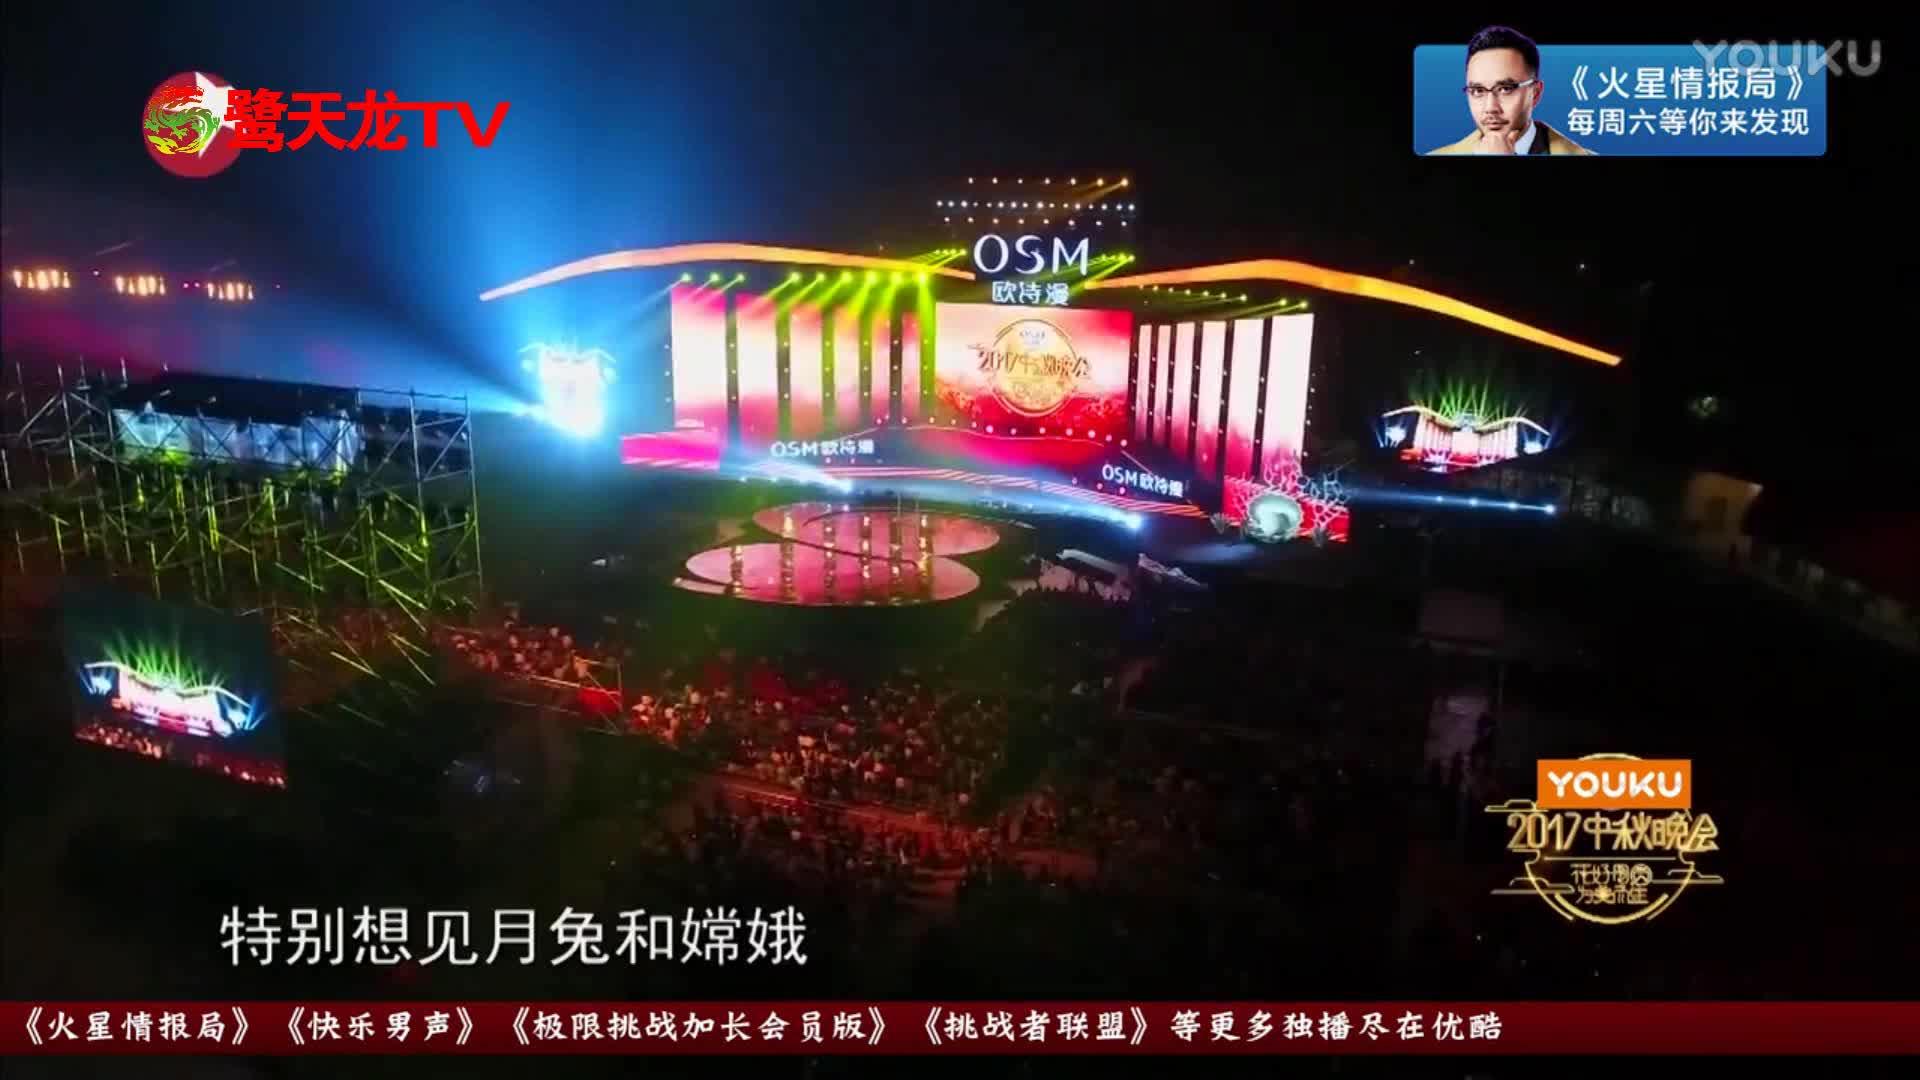 2017东方卫视中秋最美傅琰东近景魔术《神奇一刻》